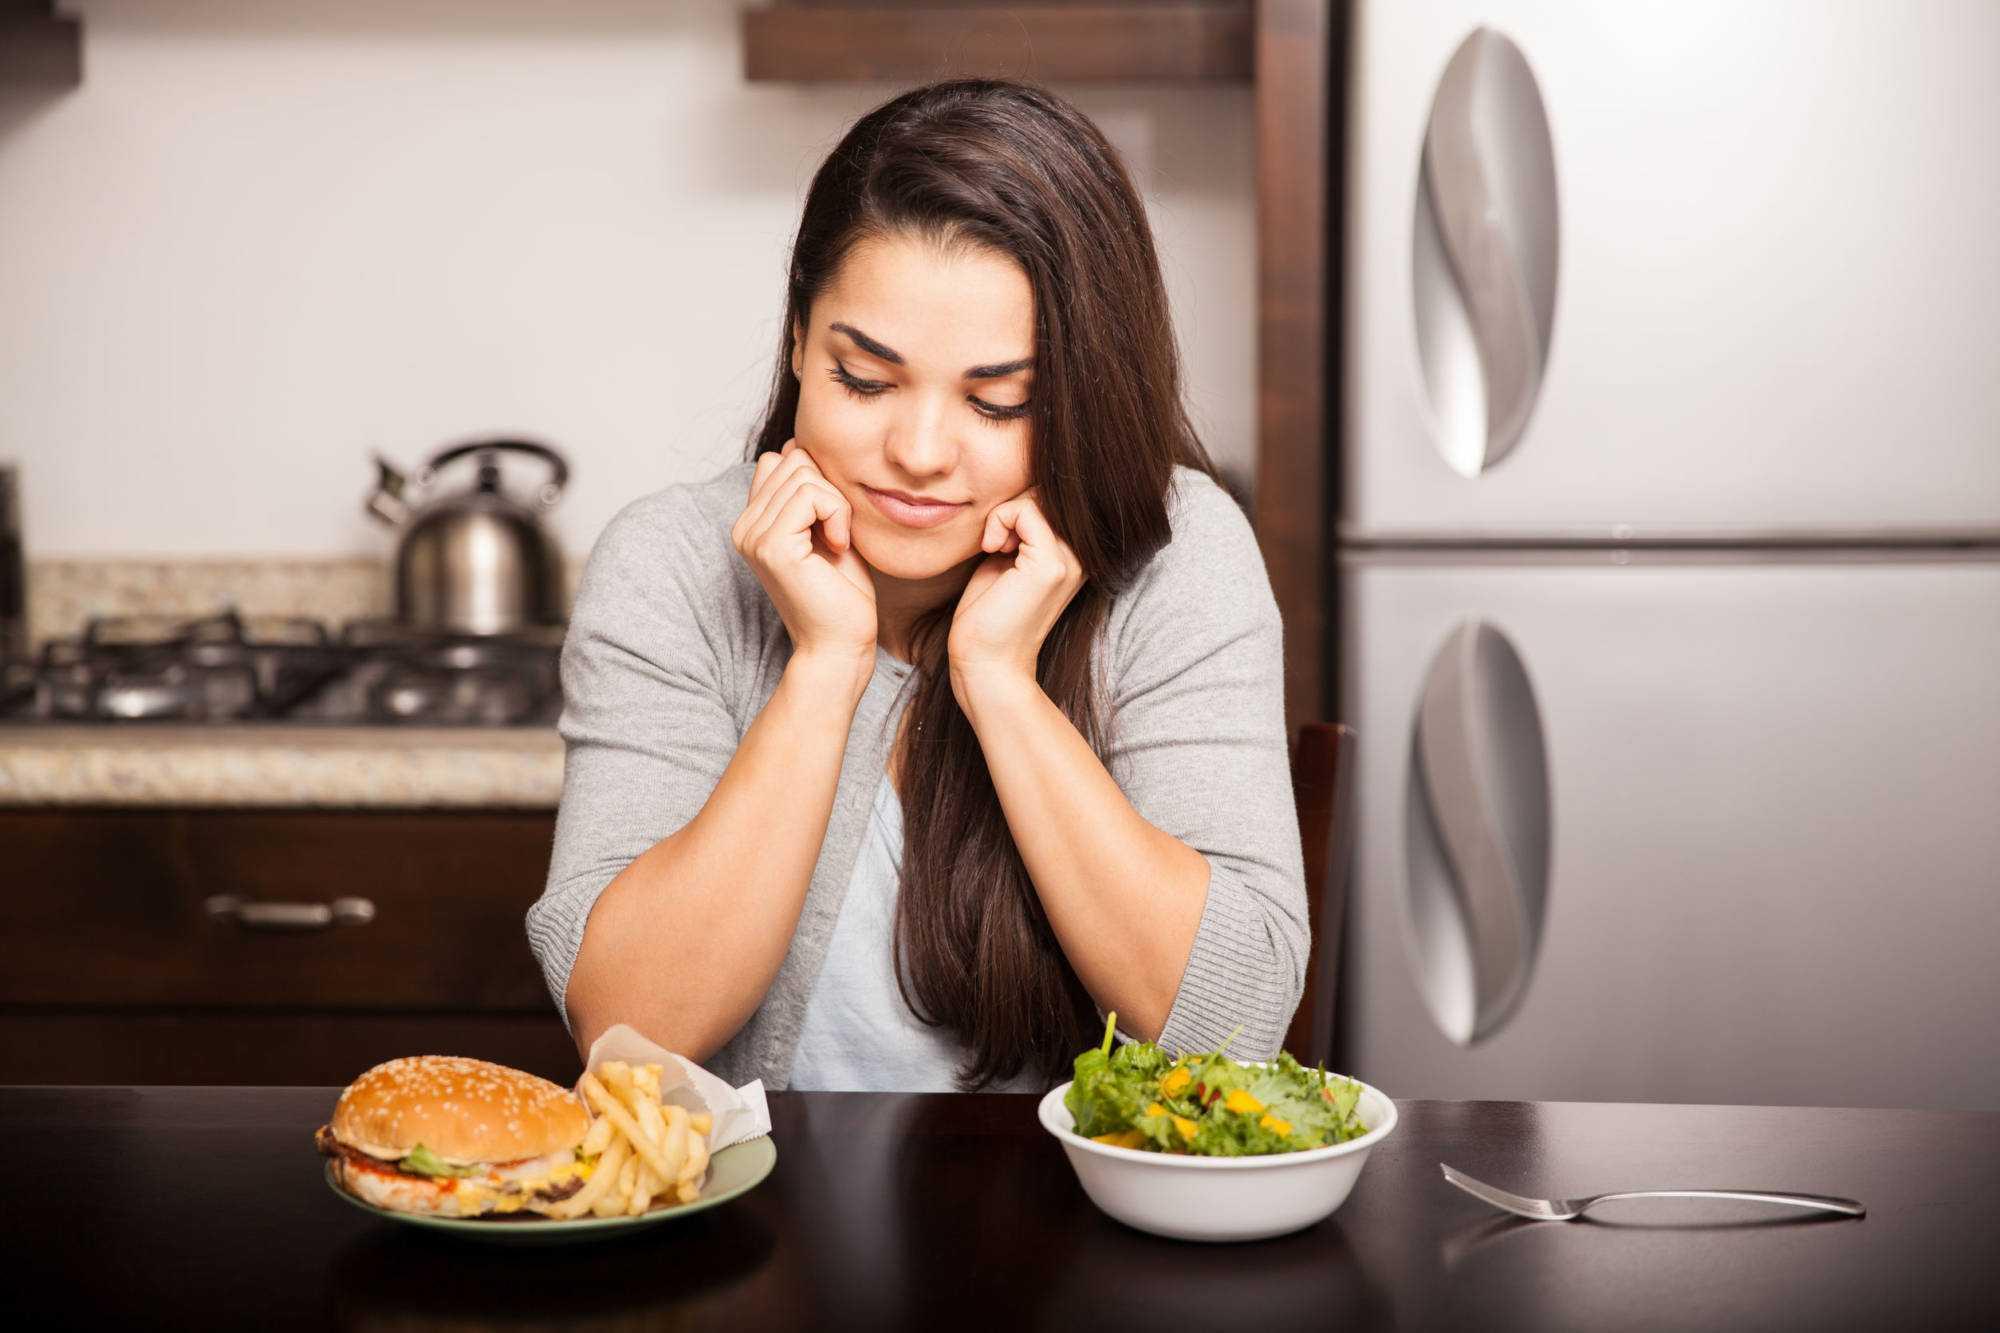 Как научиться не переедать? 5 простых правил